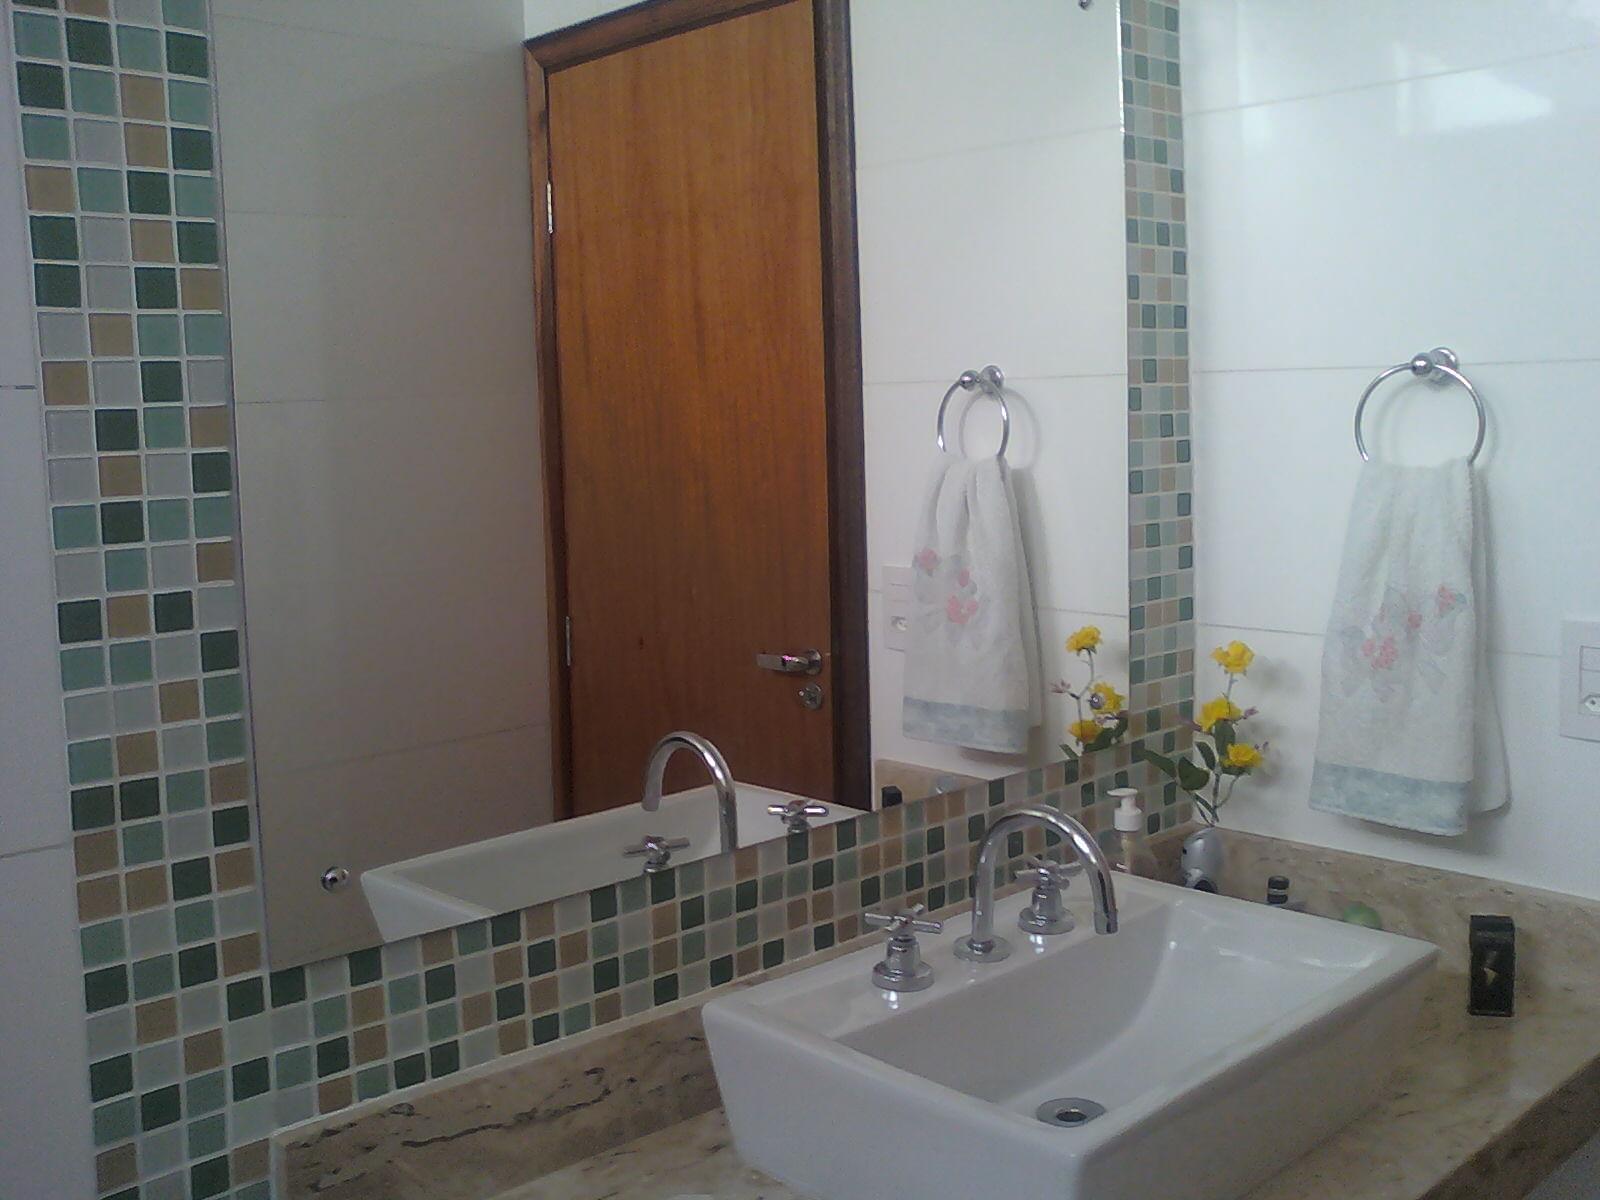 acabamento em banheiro feito com pastilhas de vidro em tons de verde e  #674936 1600 1200